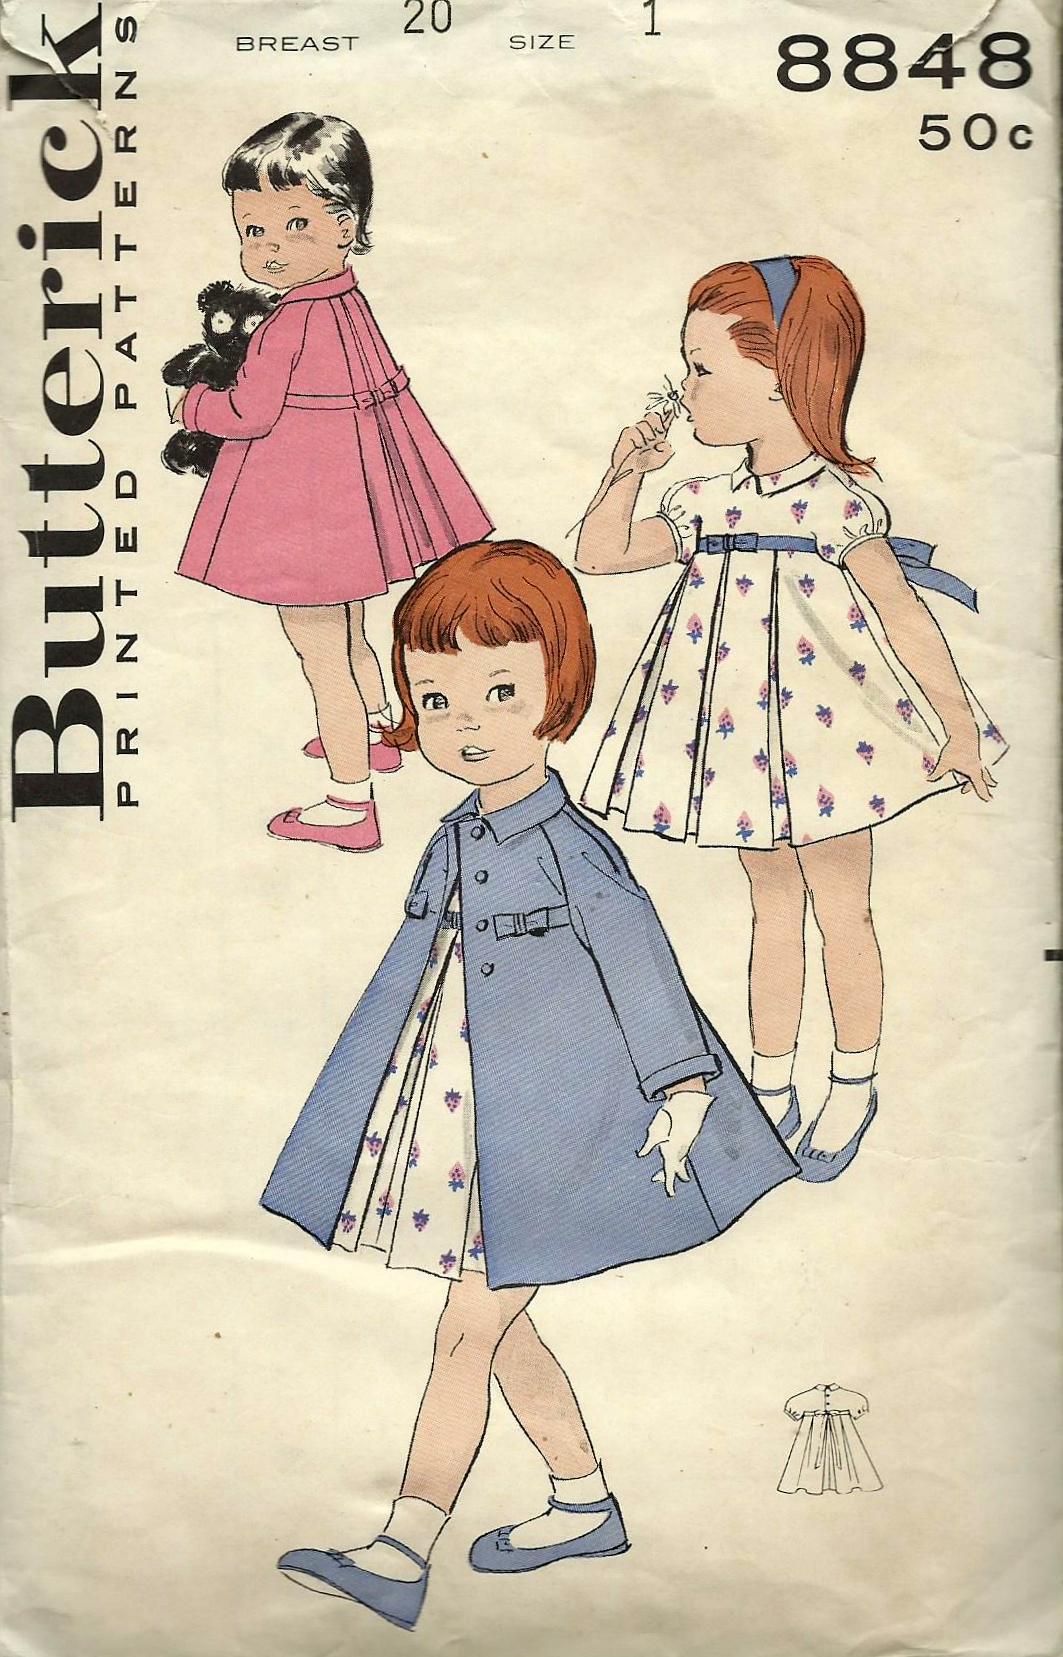 Butterick 8848 A